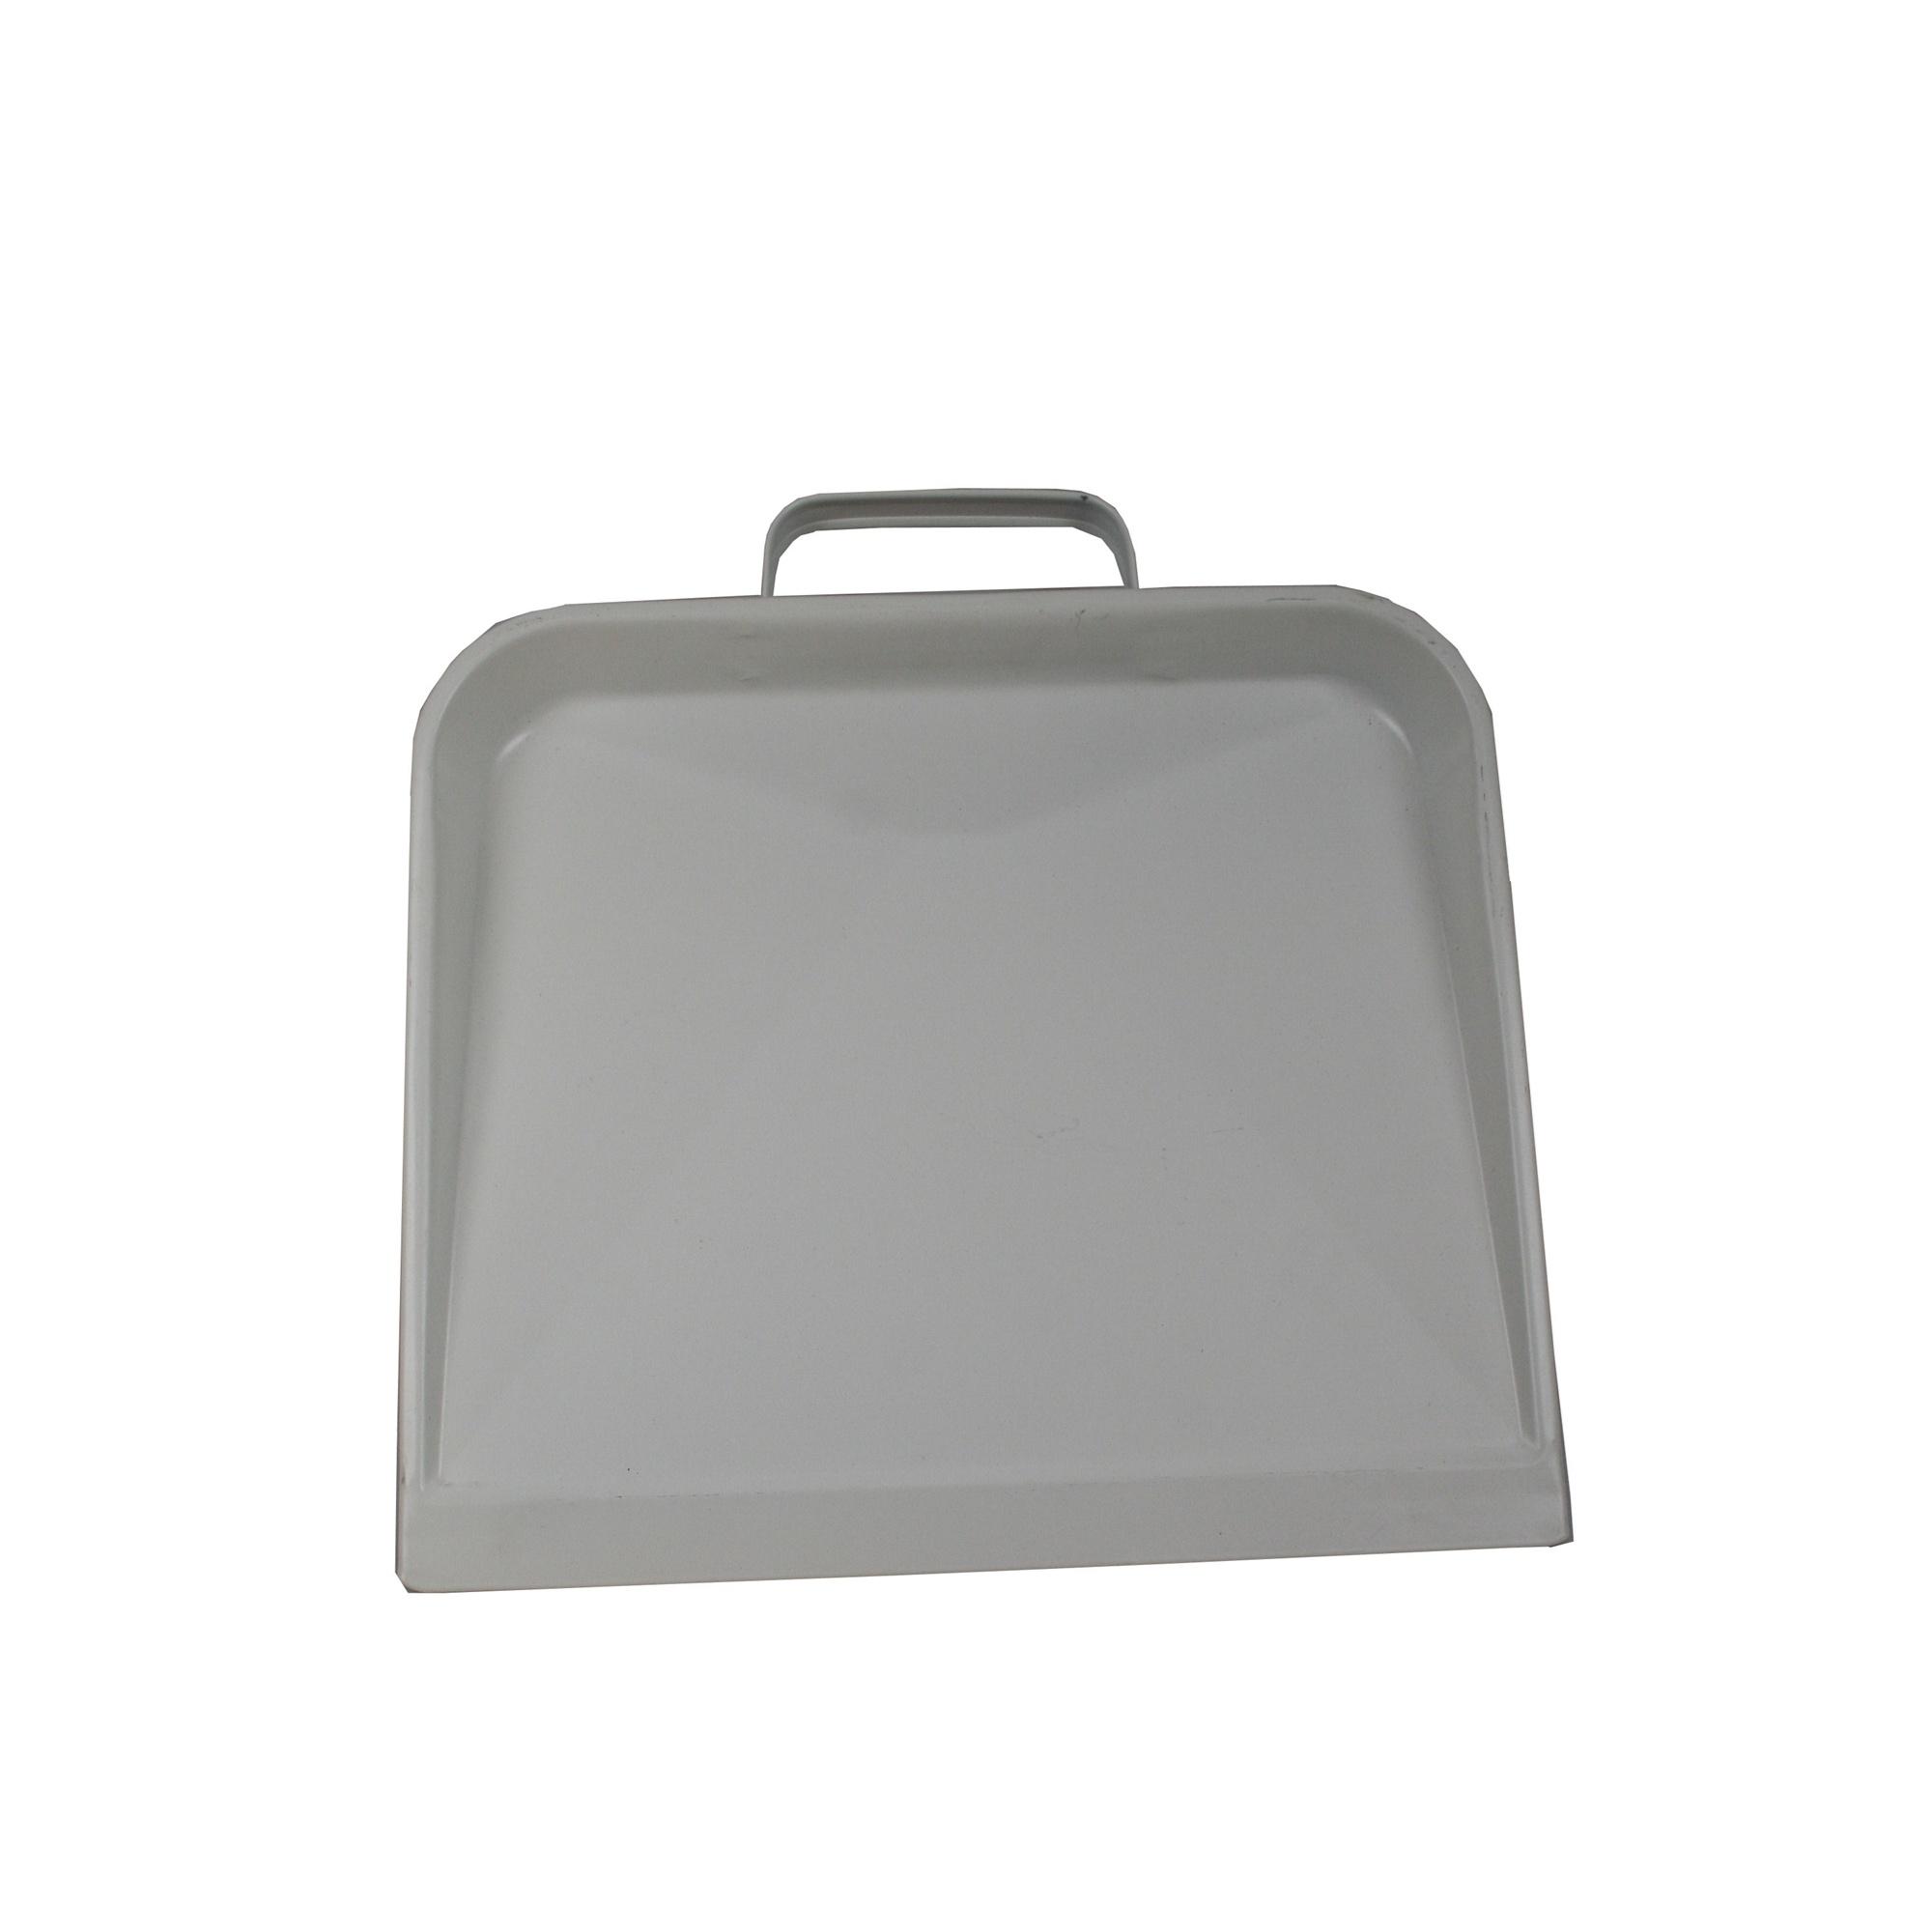 Stofblik Metaal Wit Basic (32x23cm)